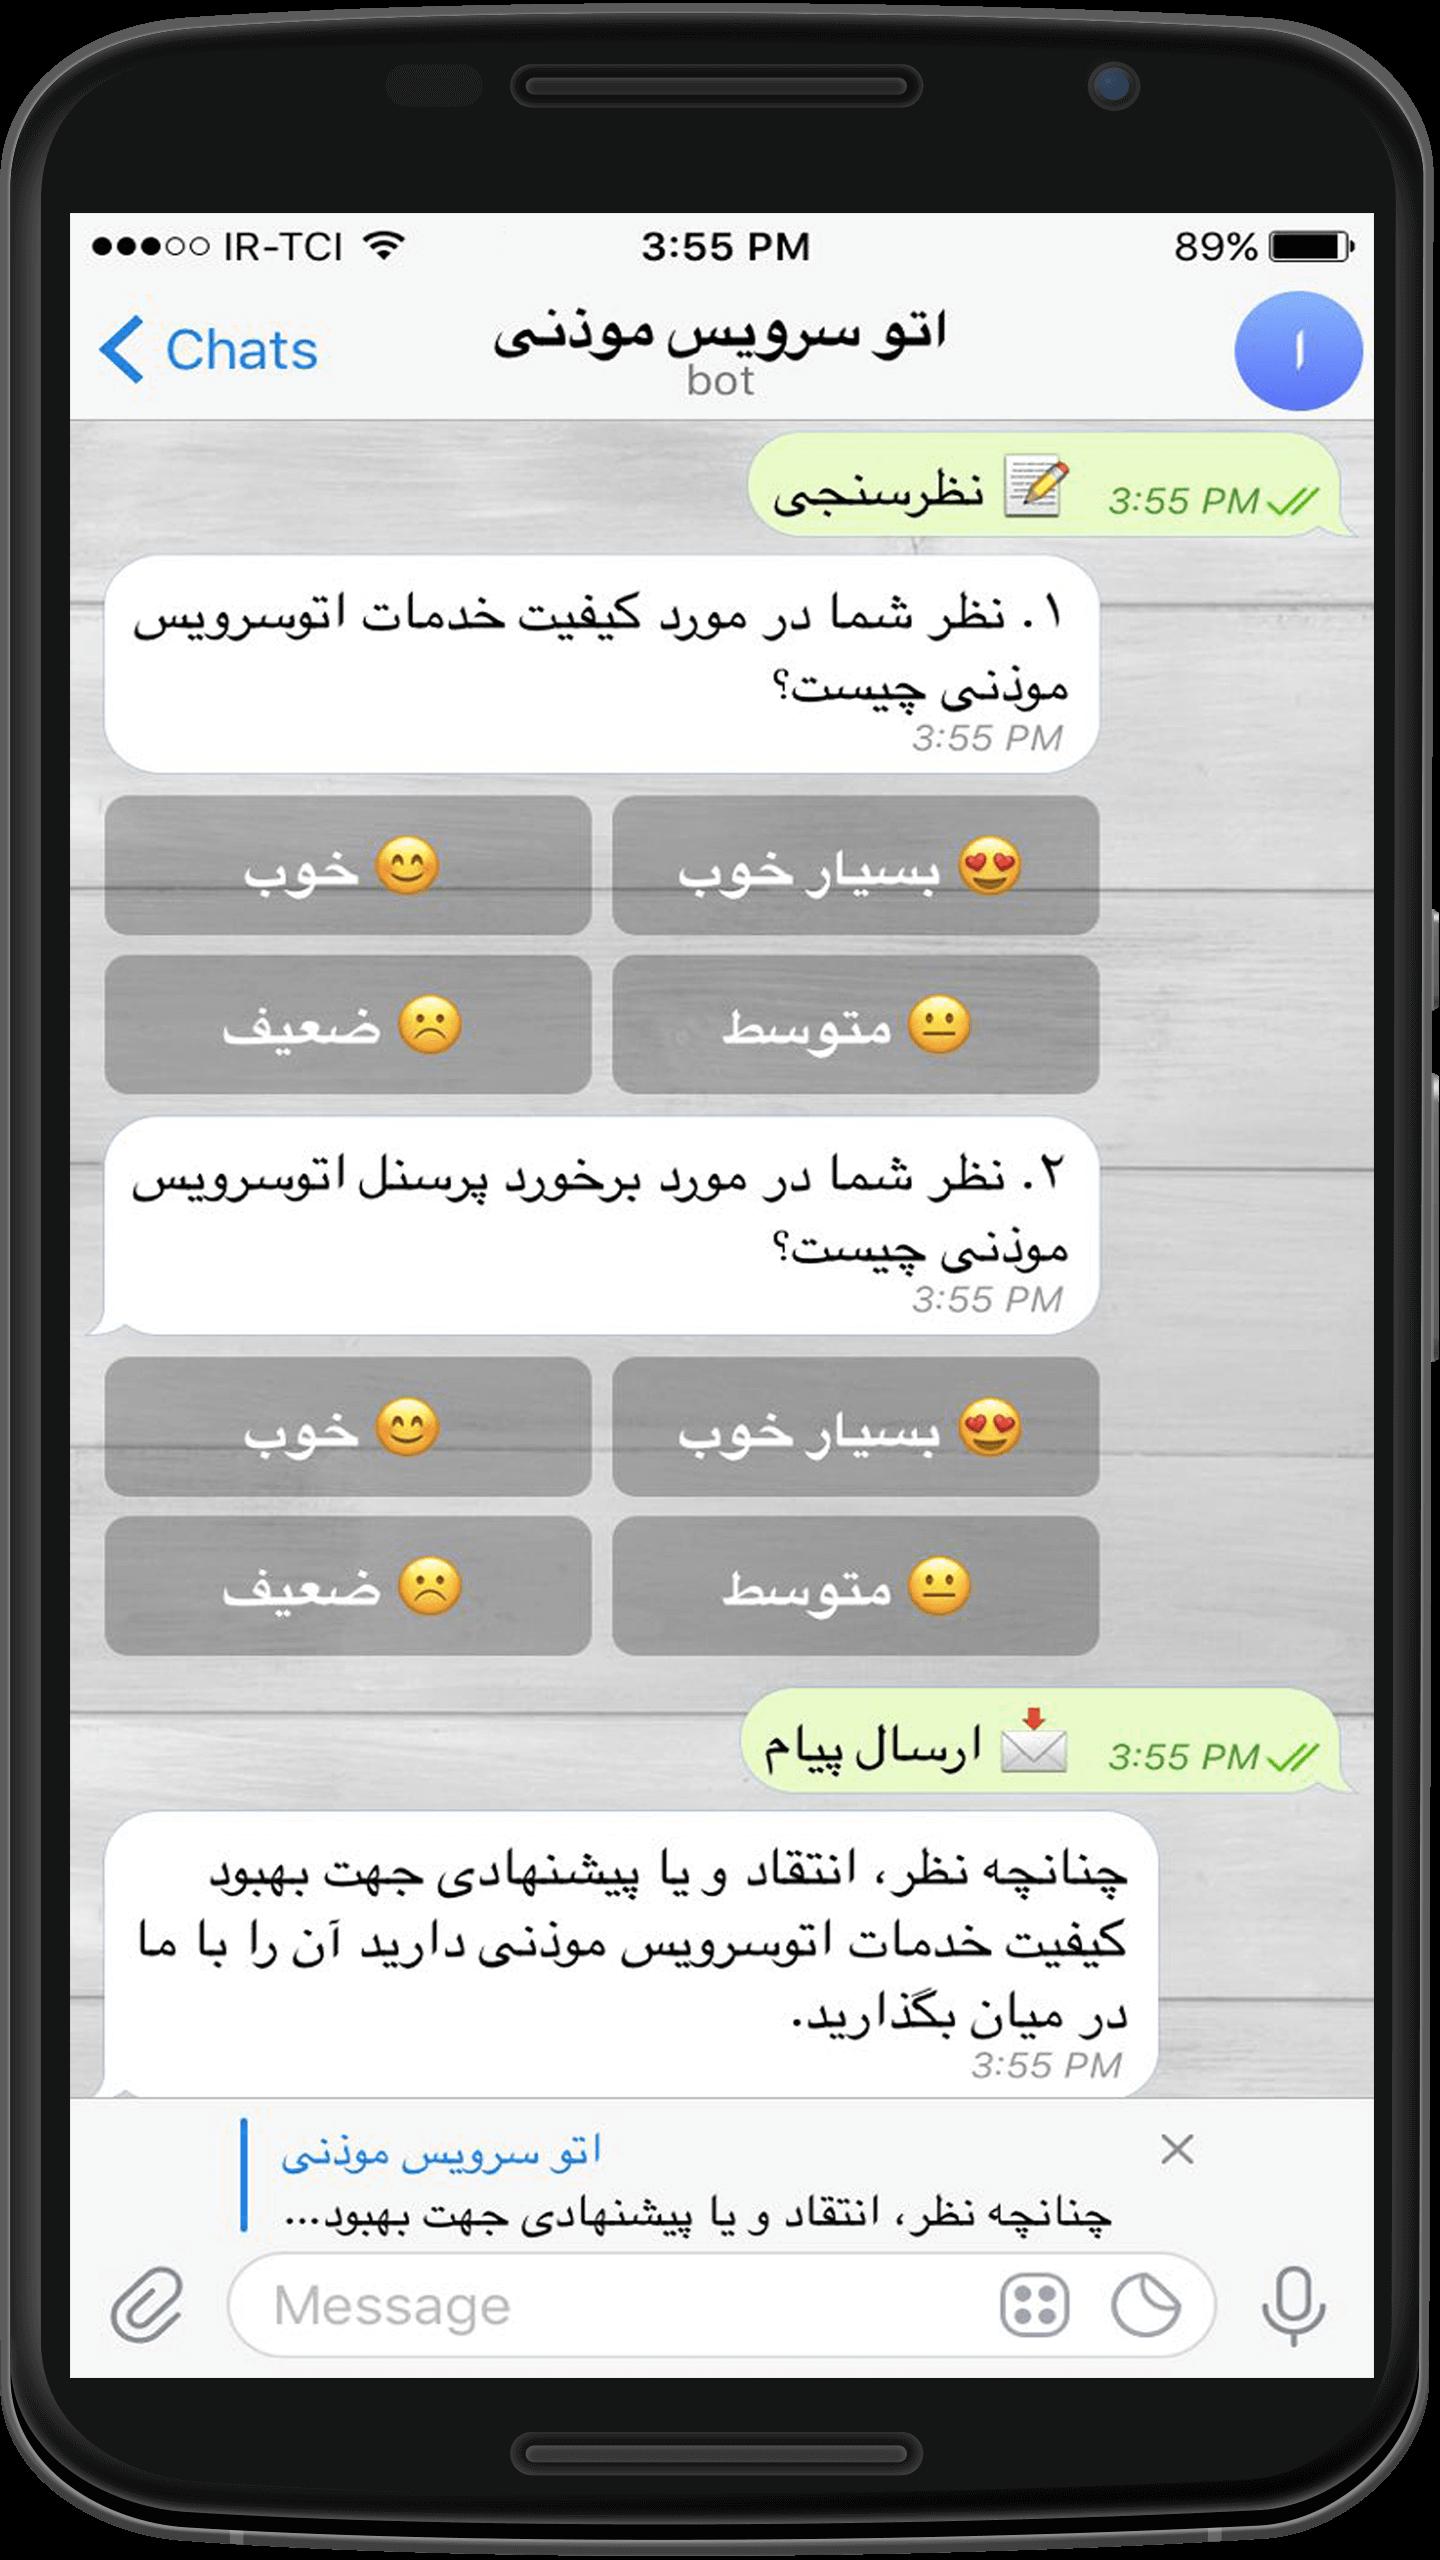 ربات تلگرام اتوسرویس | ربات اتوسرویس | ربات تلگرام خدمات خودرو